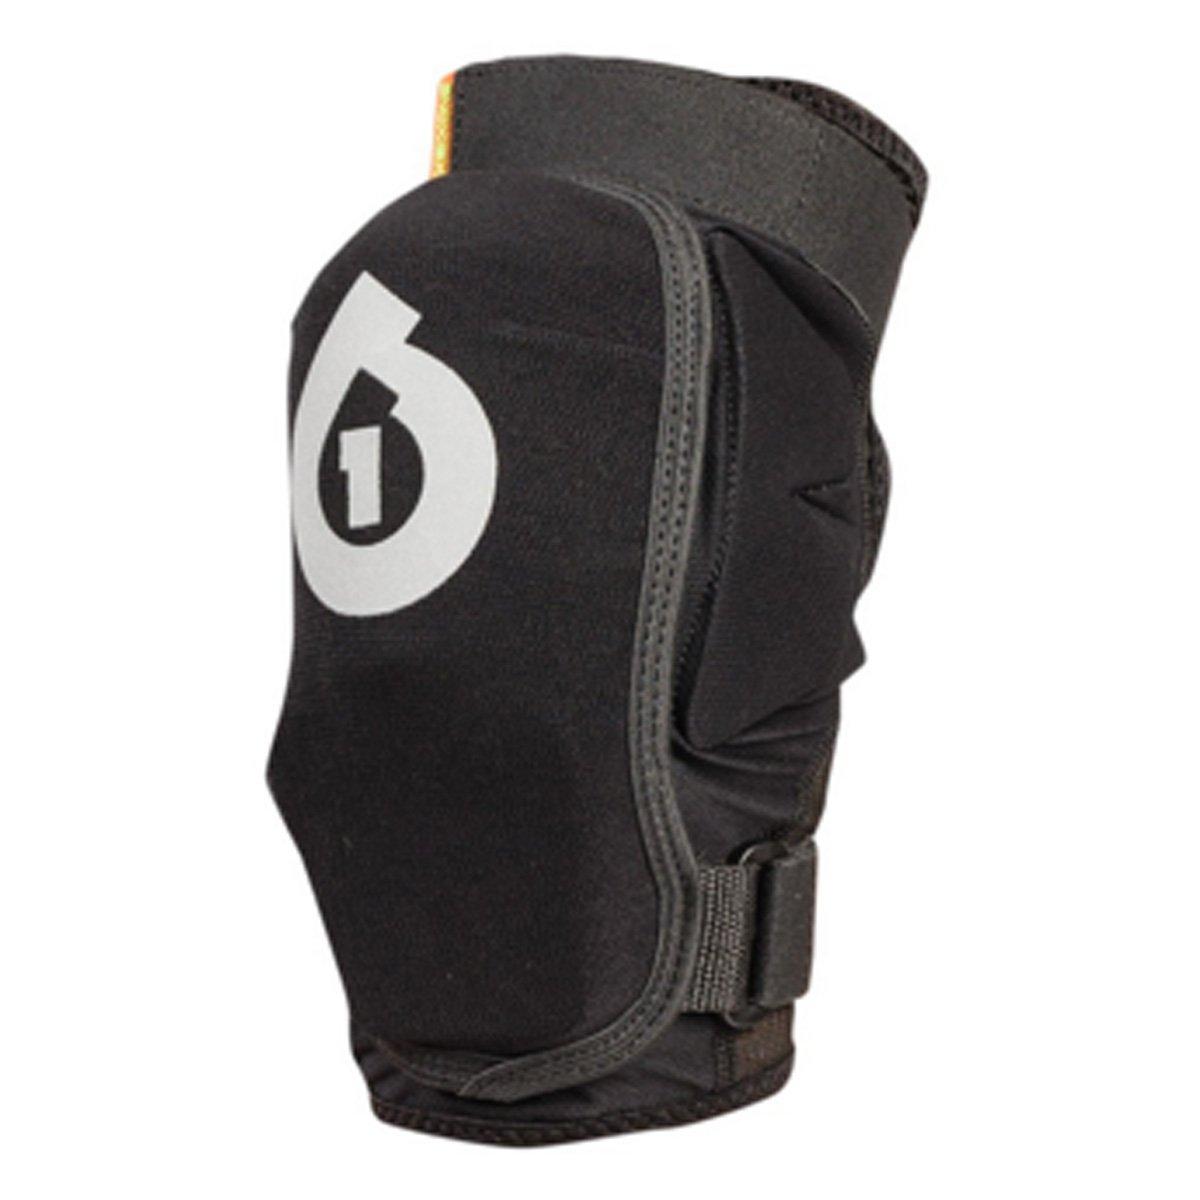 Six Six Oneブラック2017 Rage MTB Elbowパッドのペア Medium ブラック B06Y4NF3X6